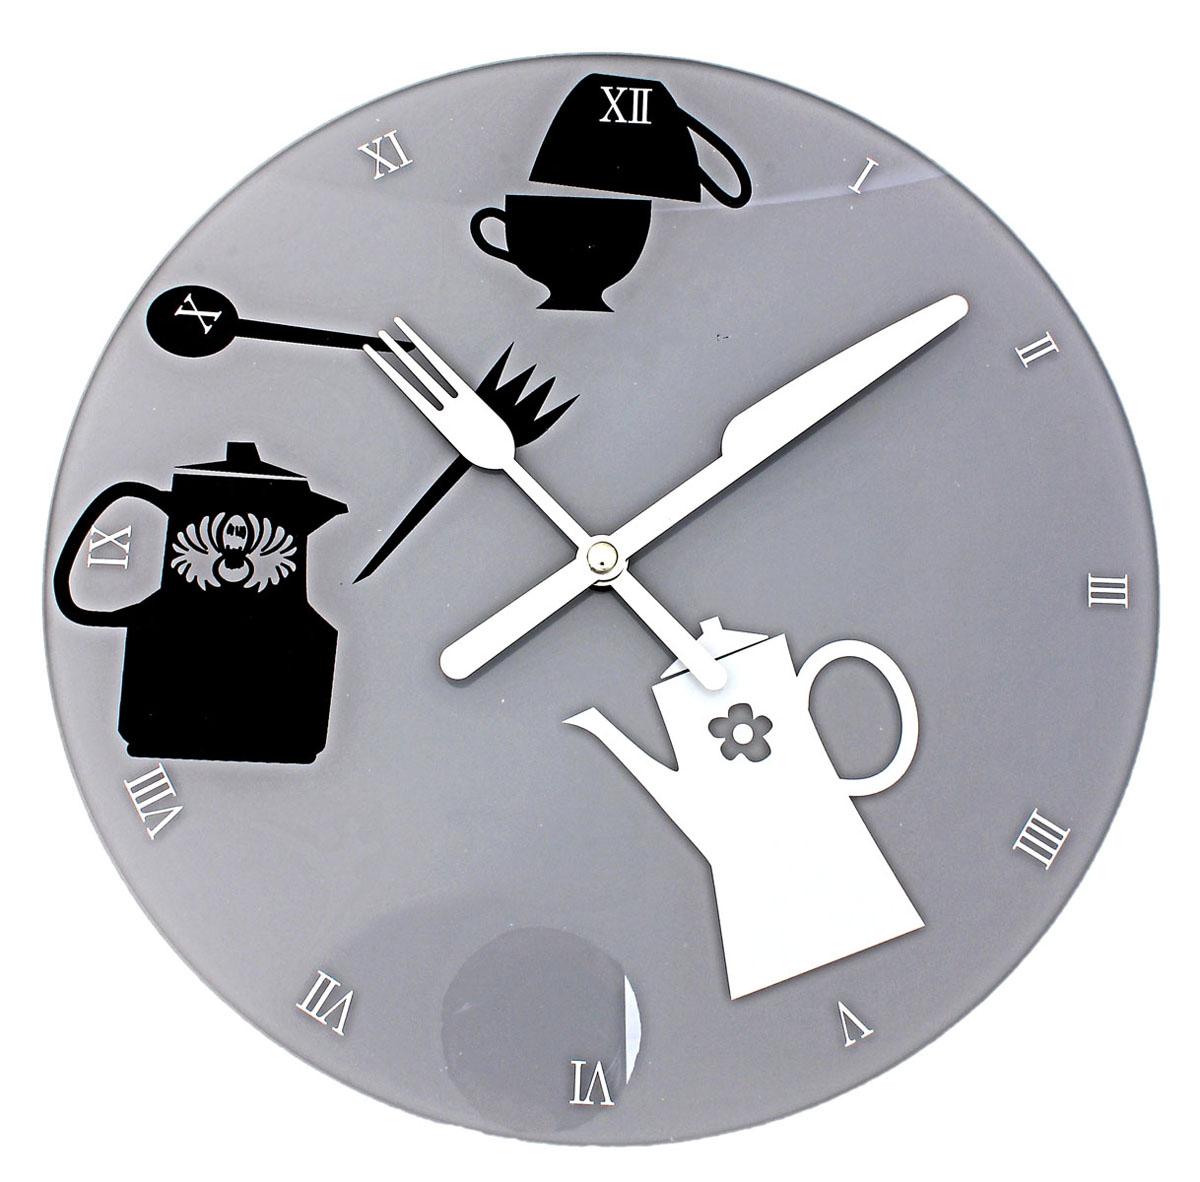 Часы настенные Sima-land, кварцевые. 670814300074_ежевикаНастенные кварцевые часы Sima-land - это прекрасный предмет декора, а также универсальный подарок практически по любому поводу. Корпус часов выполнен из прочного стекла. Циферблат оснащен двумя стрелками: часовой и минутной, выполненные в виде ножа и вилки. Стрелки не защищены стеклом. Римские цифры нанесены белой краской на серый фон циферблата. Так же с внутренней стороны циферблата нанесен рисунок в виде чайников и чашек. На задней стенке часов расположена пластиковое отверстие для подвешивания и блок с часовым механизмом. Часы с рамками прекрасно впишутся в любой интерьер. В зависимости оттого, что вы поместите в рамки, будет меняться и стиль часов. Характеристики:Материал: стекло, пластик, металл. Тип механизма:плавающий, бесшумный. Толщина корпуса часов:3 см. Диаметр циферблата:30 см. Размер упаковки:33 см х 32 см х 4 см. Рекомендуется докупить батарейку типа АА (не входит в комплект).